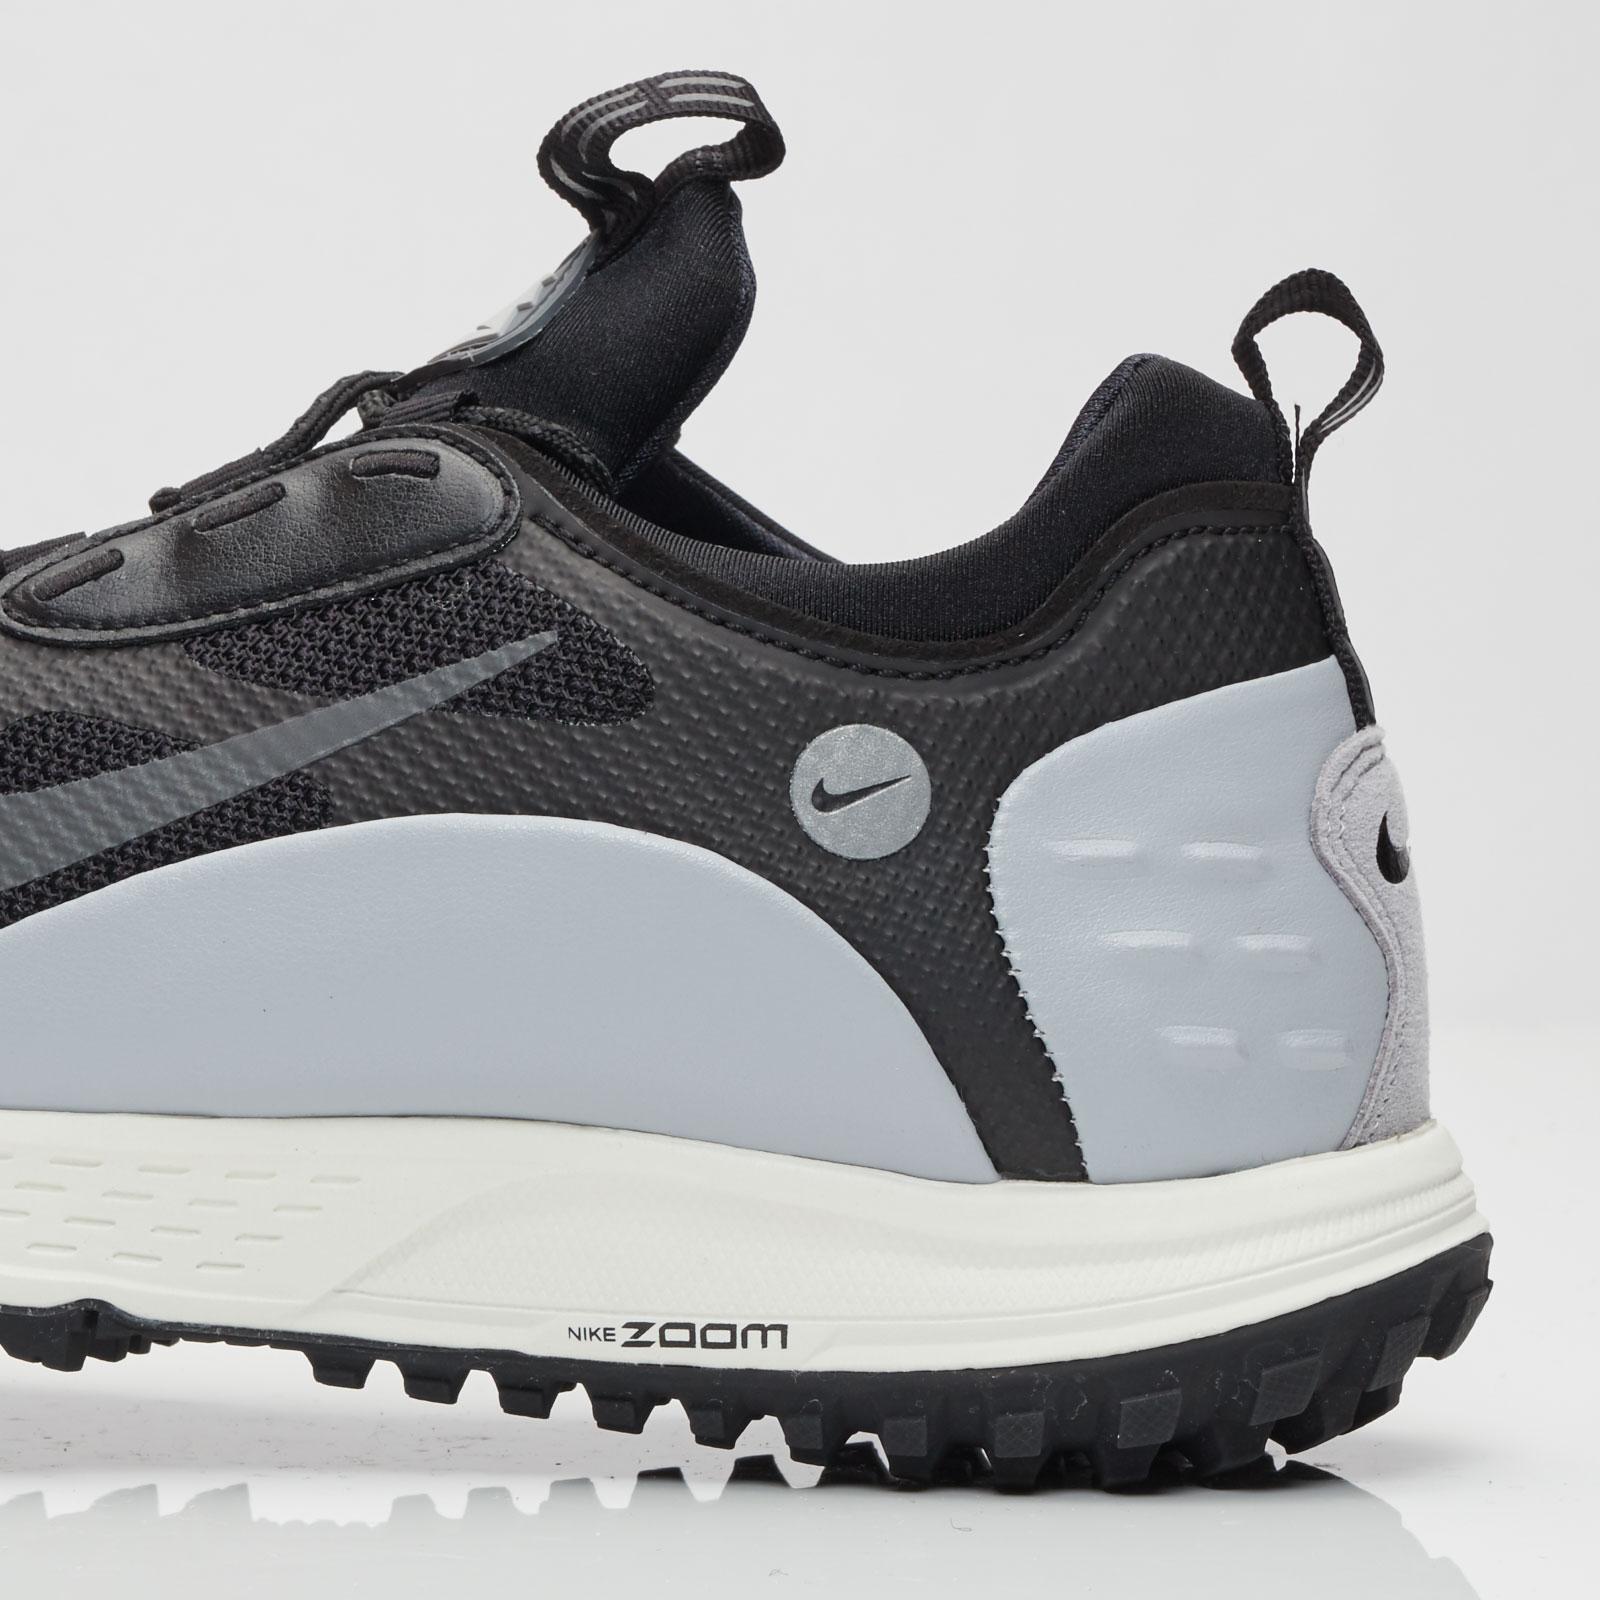 91d18ba66d702 Nike Air Zoom Albis 16 - 904334-001 - Sneakersnstuff